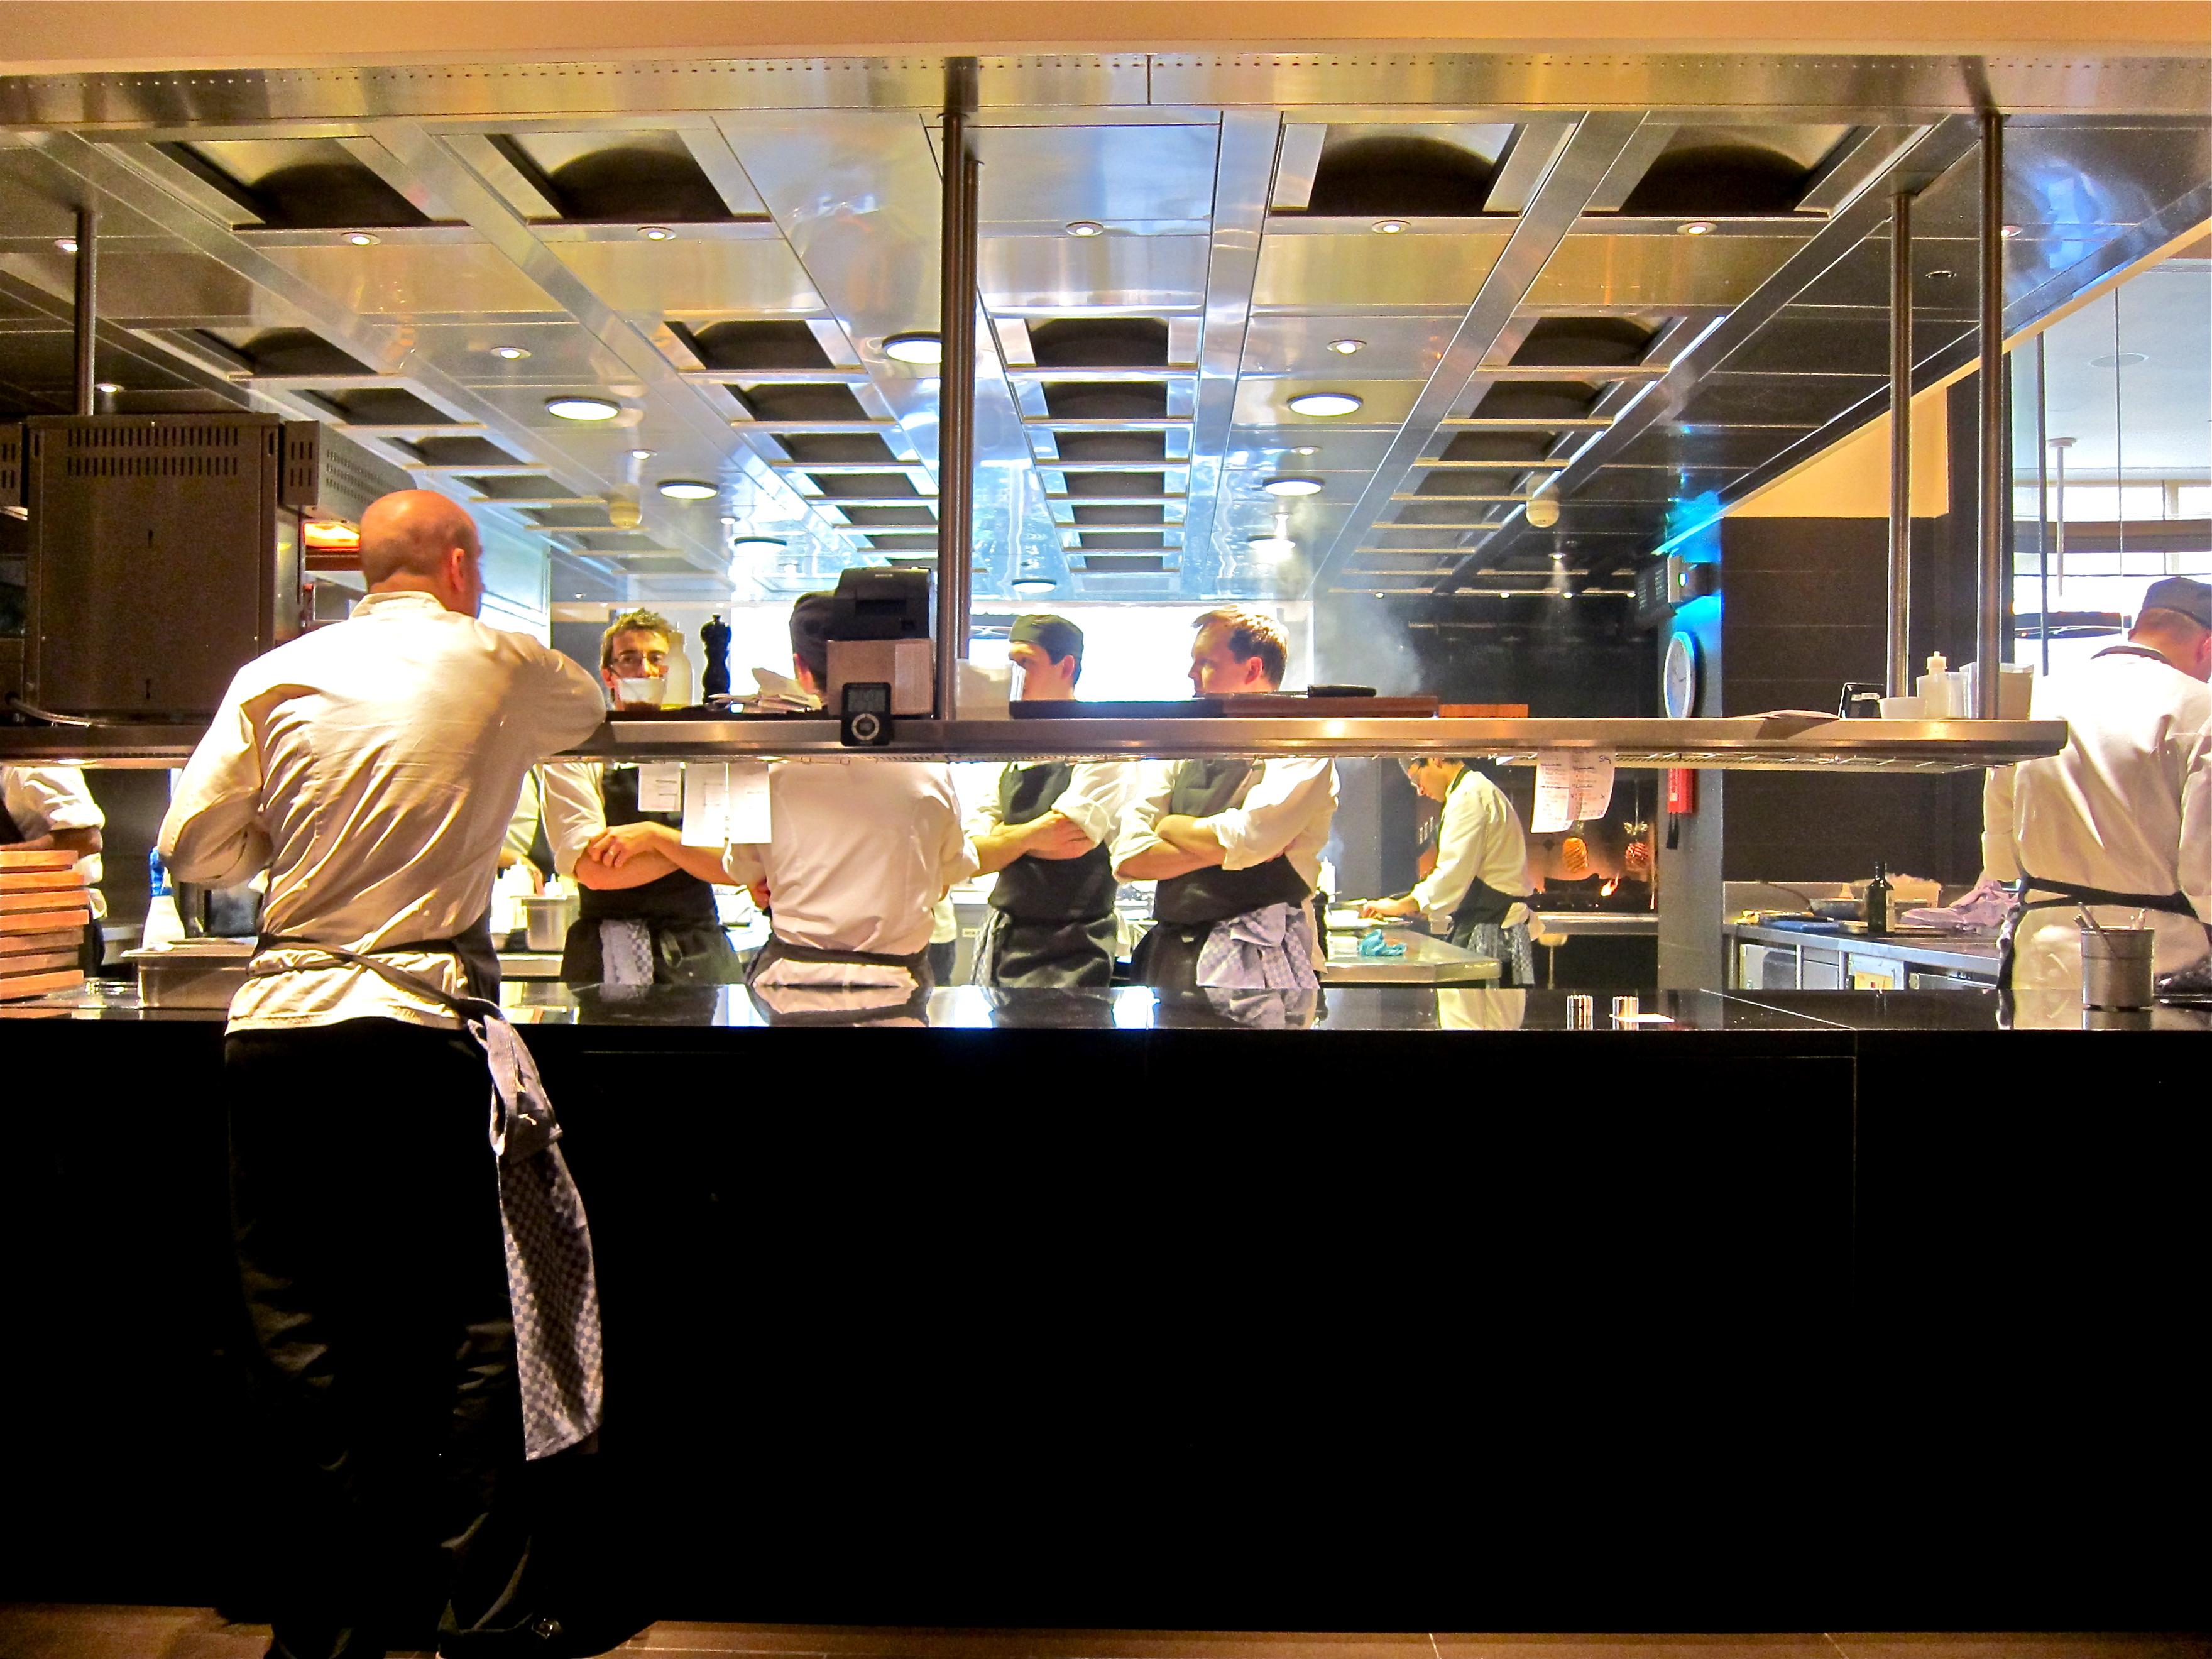 Restaurant Kitchen Pass salamugundy | laissez fare